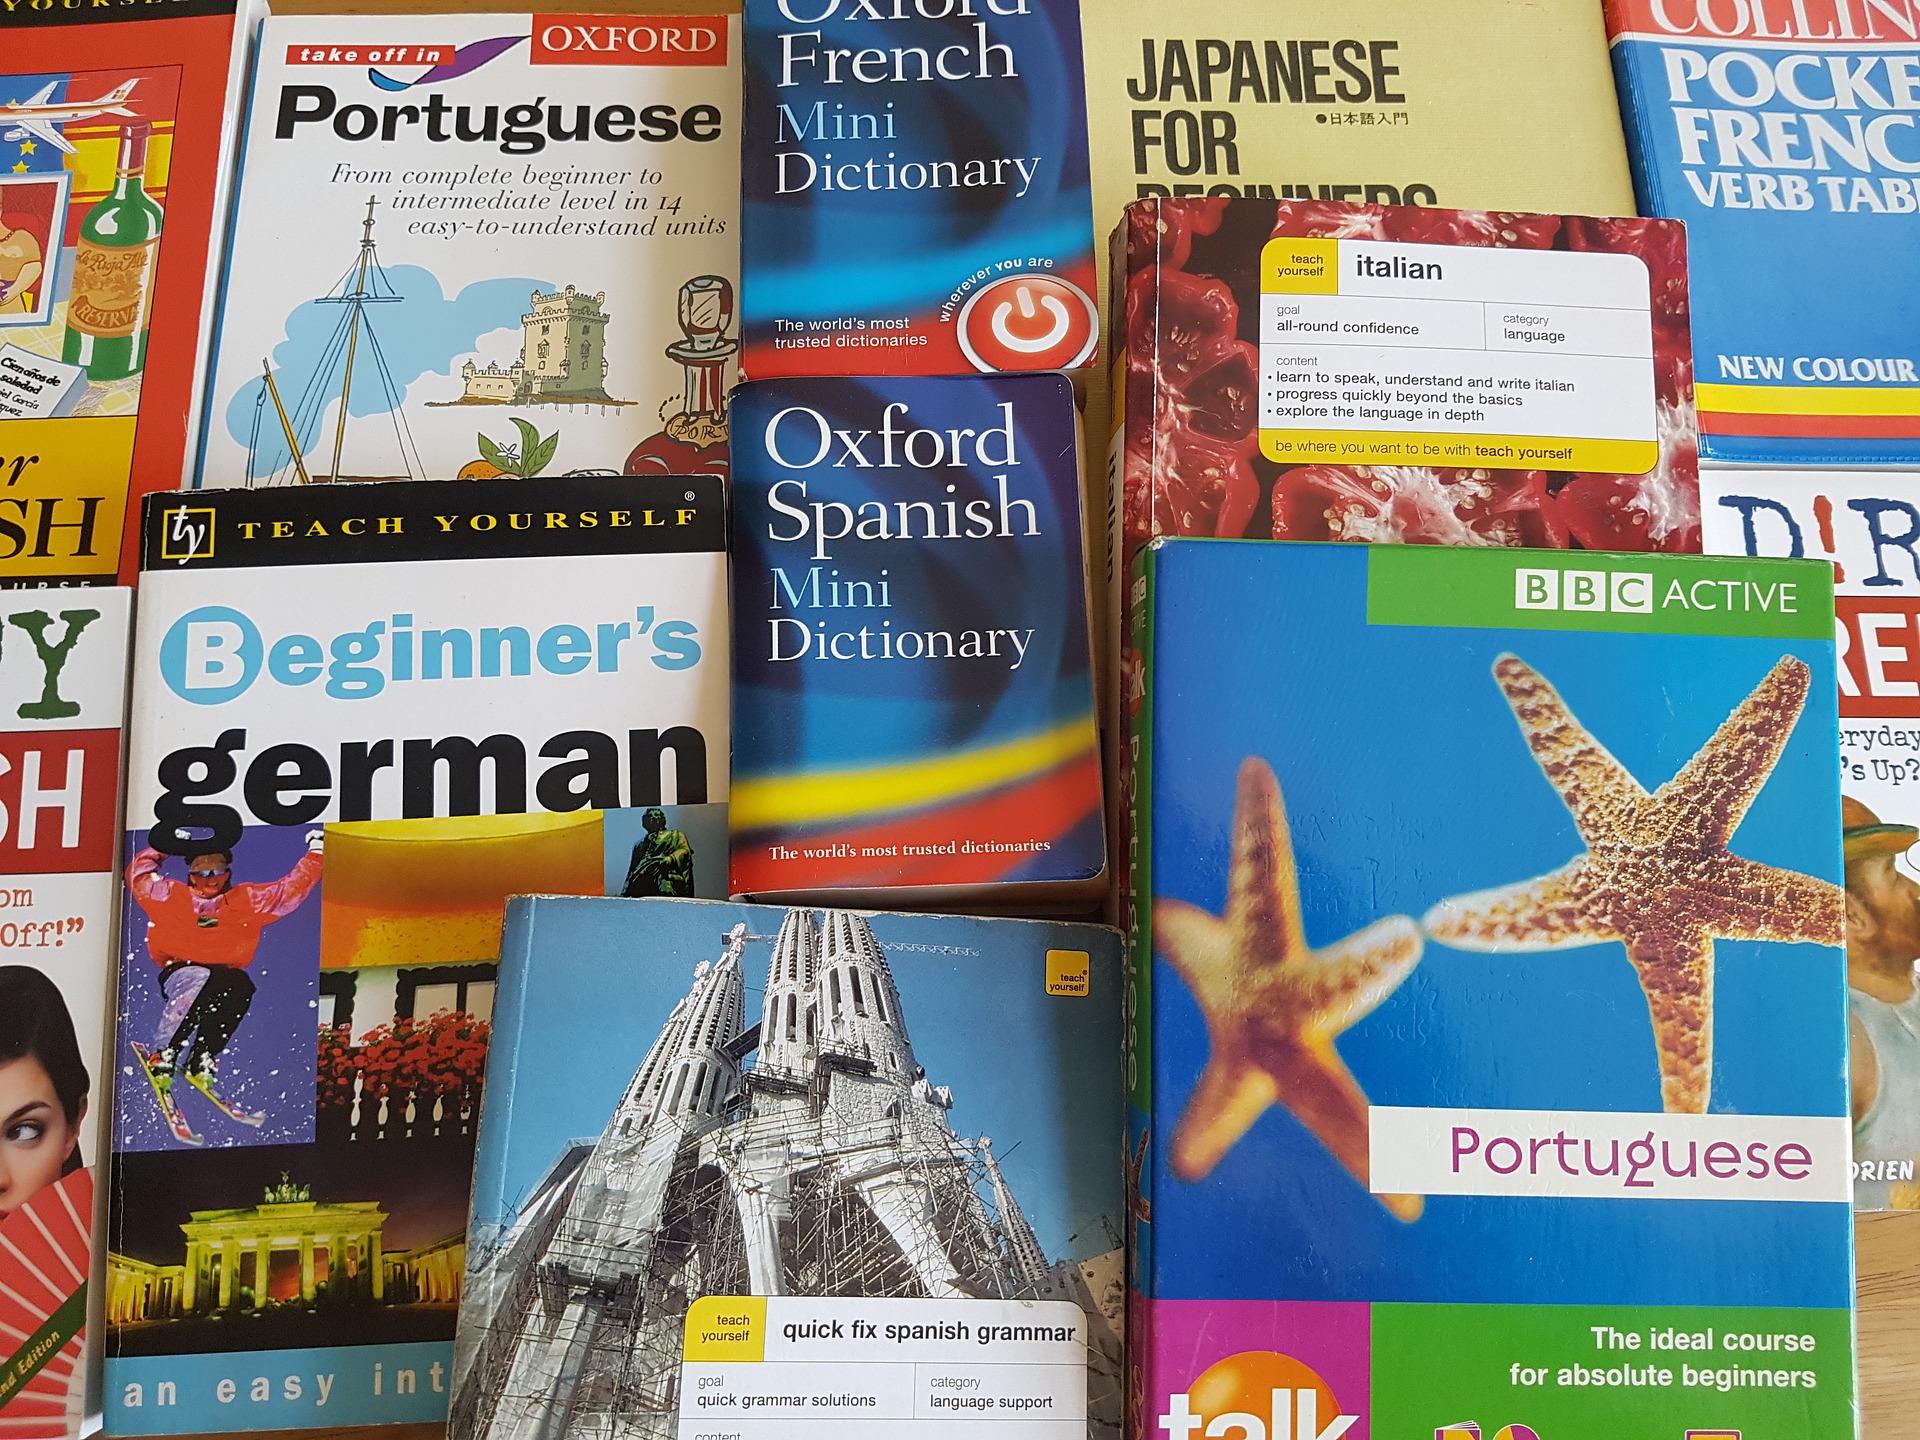 Internacionalização como diferencial competitivo da Instituição de Ensino